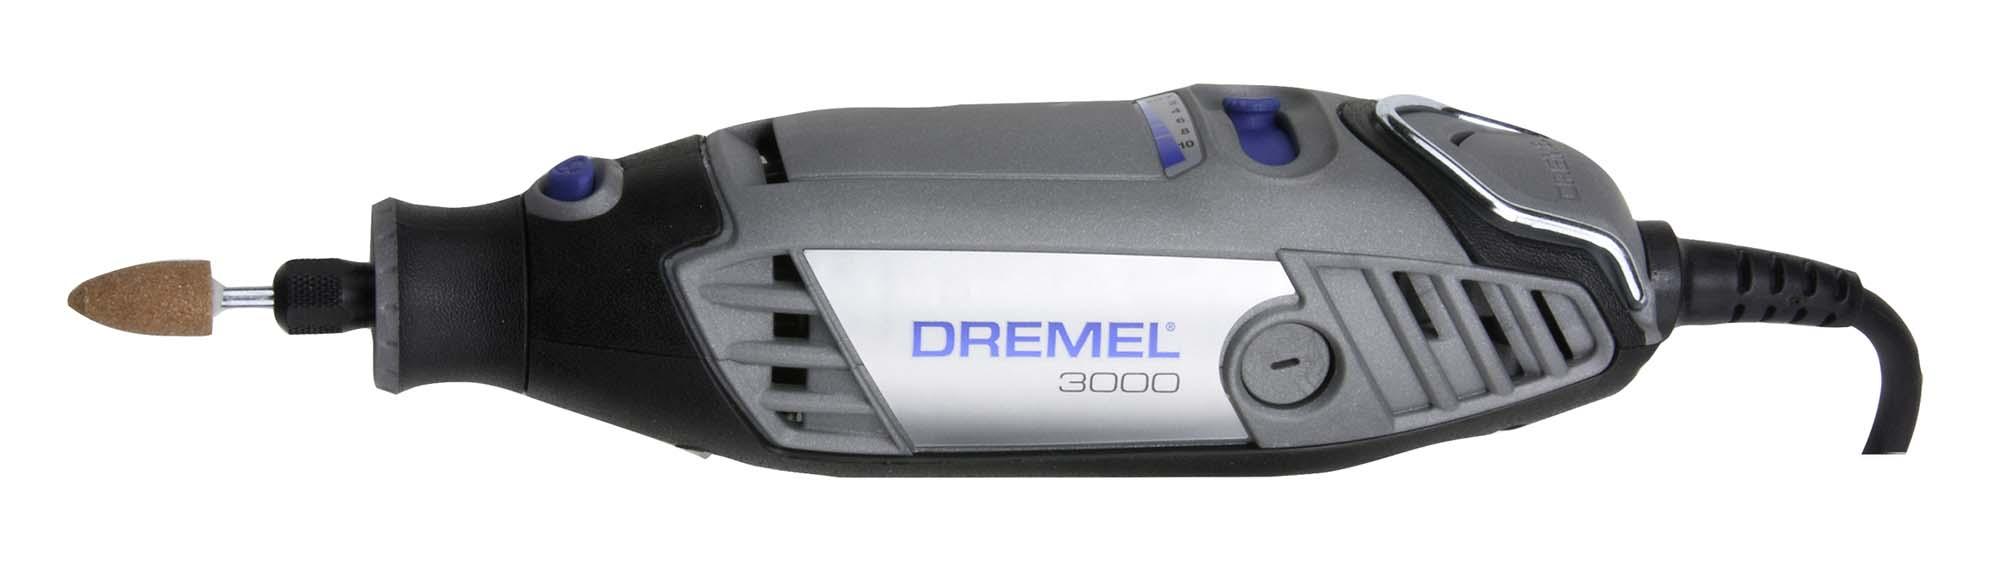 Dremel 3000-1/24 Variable Speed Multi Pro Tool